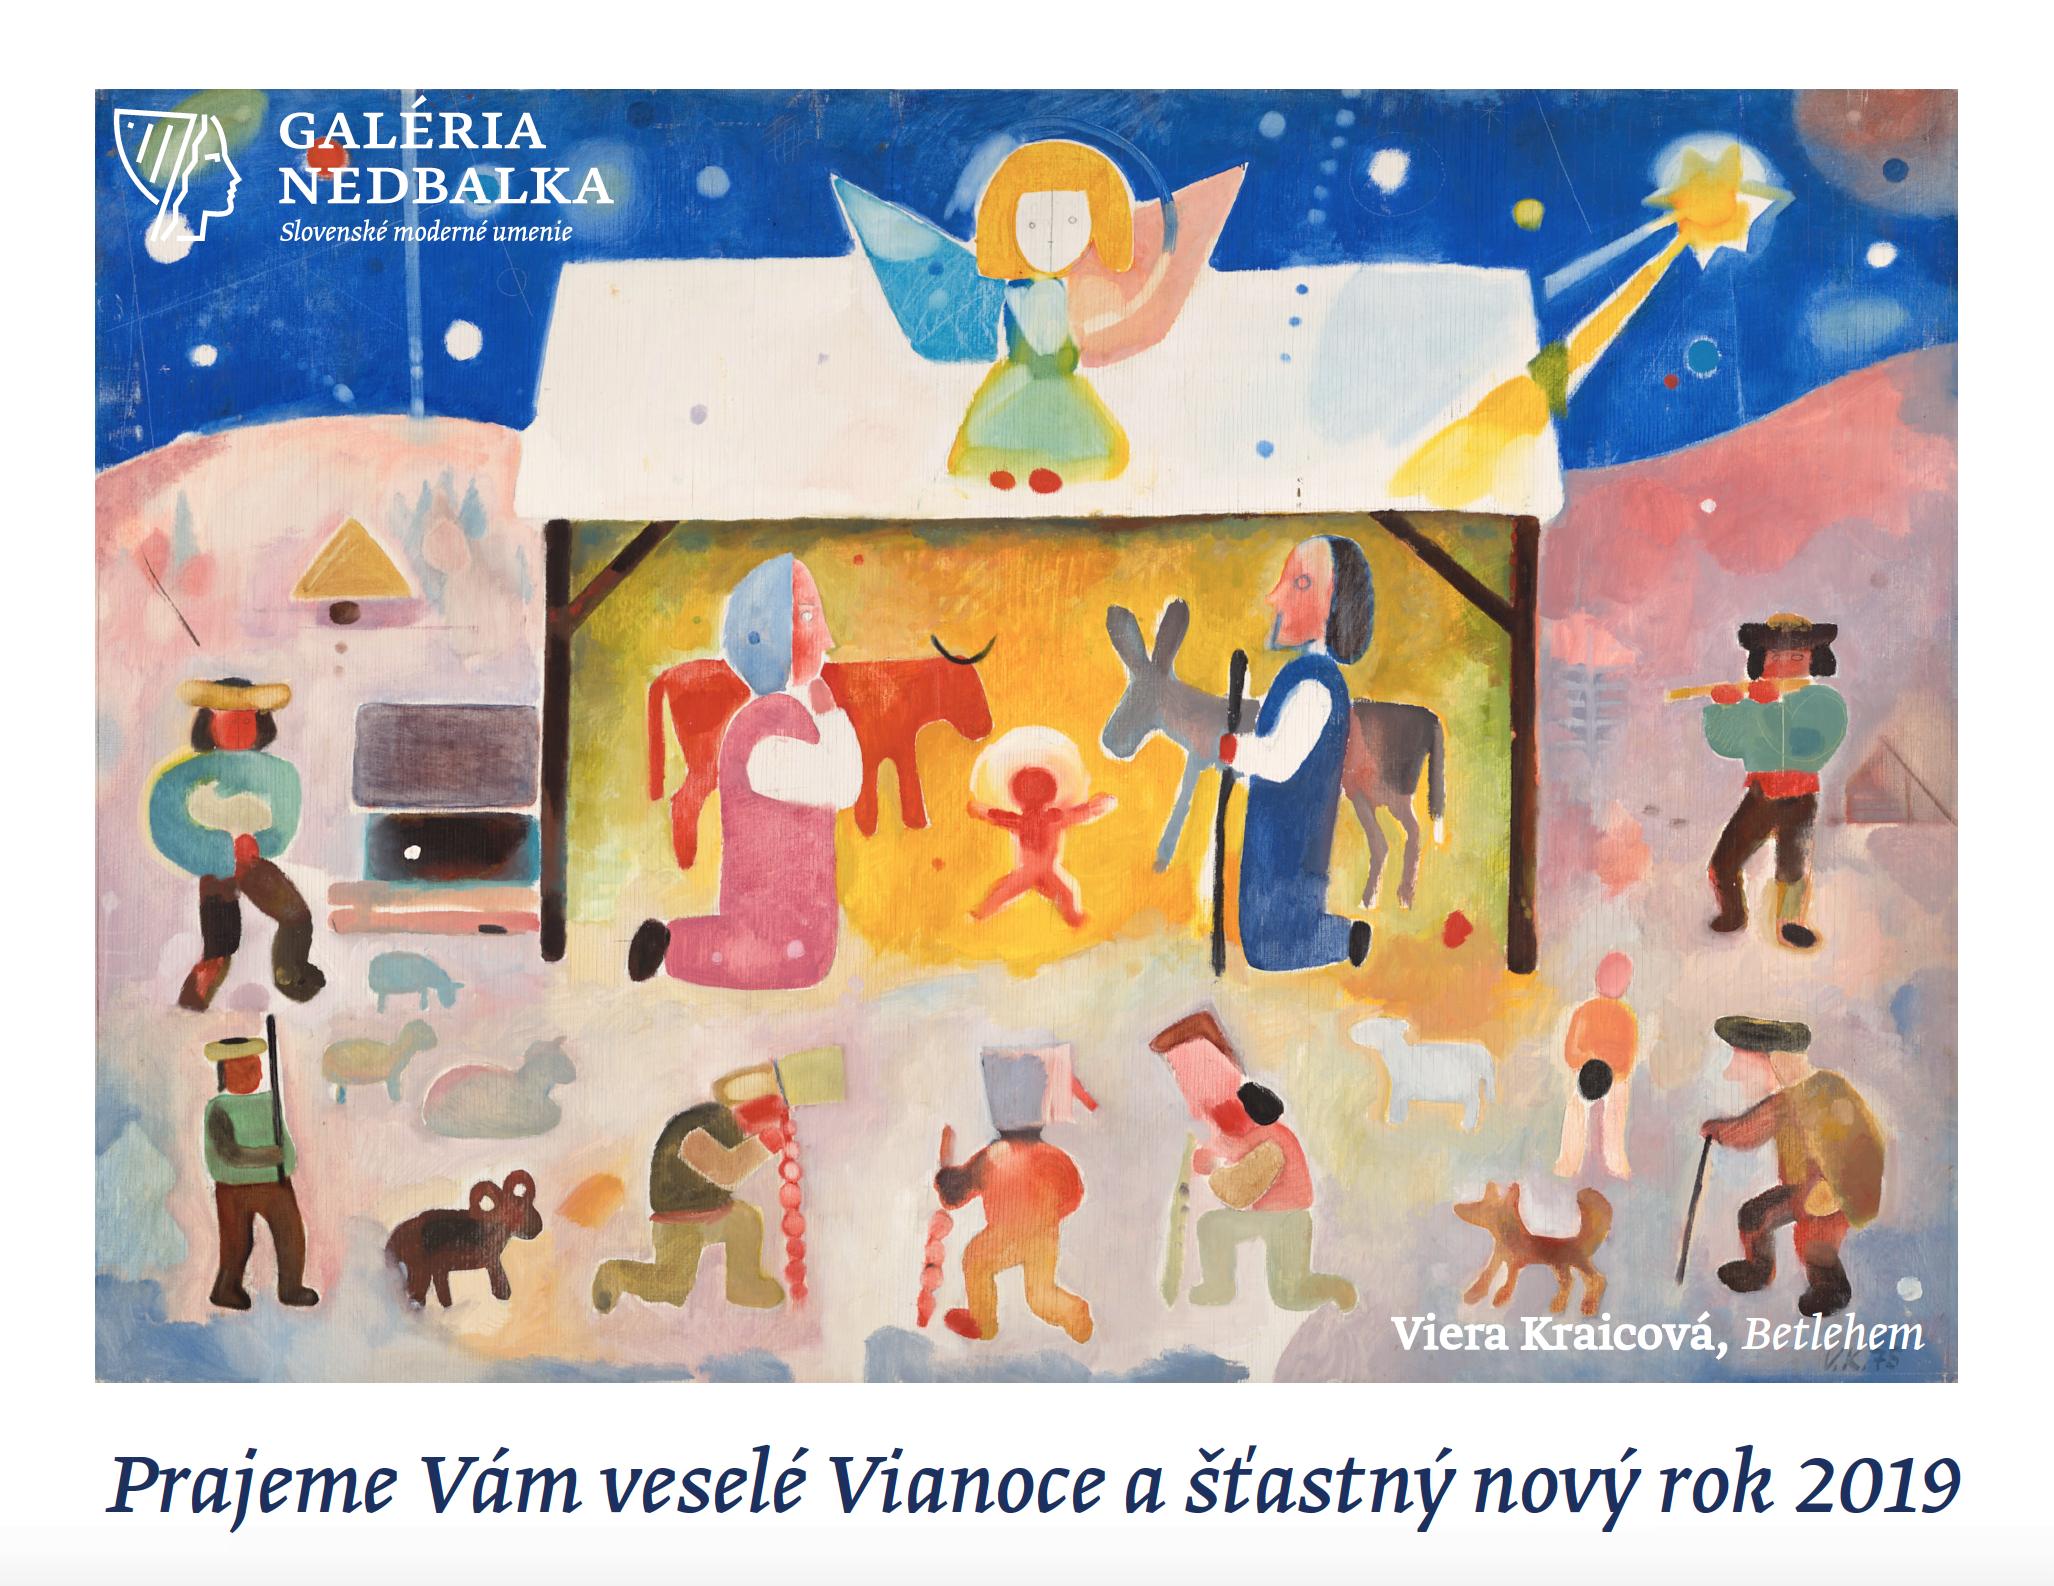 Vianočný pozdrav 2019